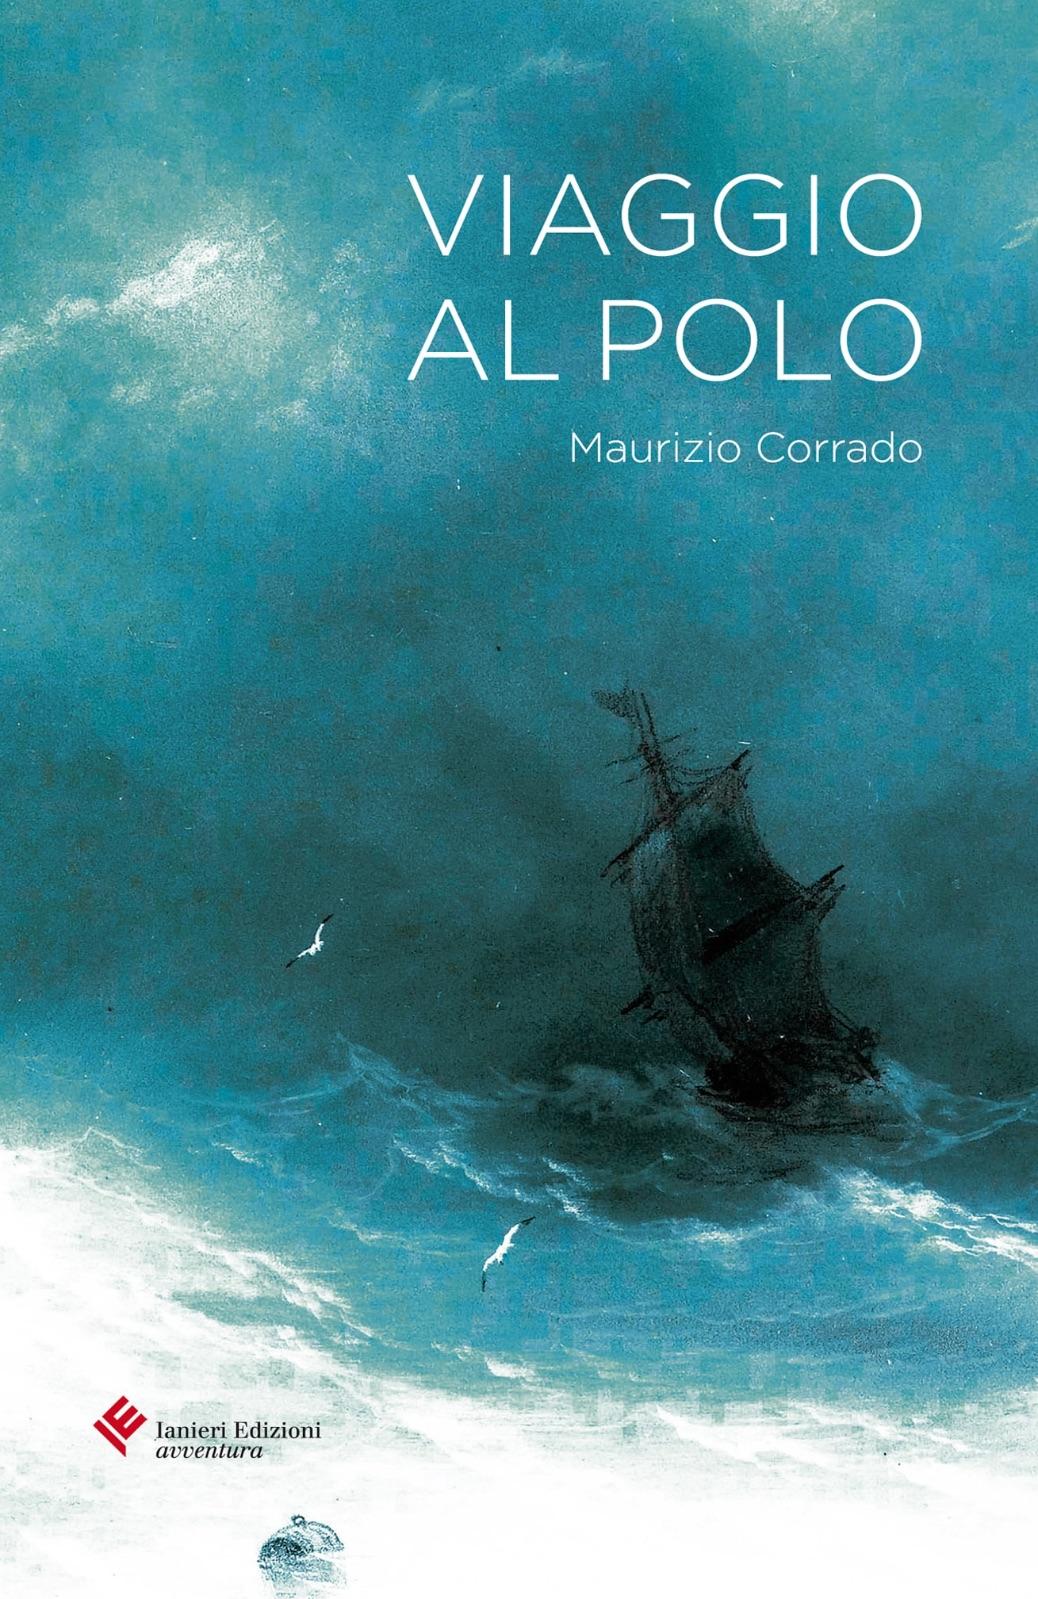 """""""Viaggio al Polo"""" di Maurizio Corrado pubblicato per Ianieri Editore, diventa una spettacolo teatrale! - Le news"""